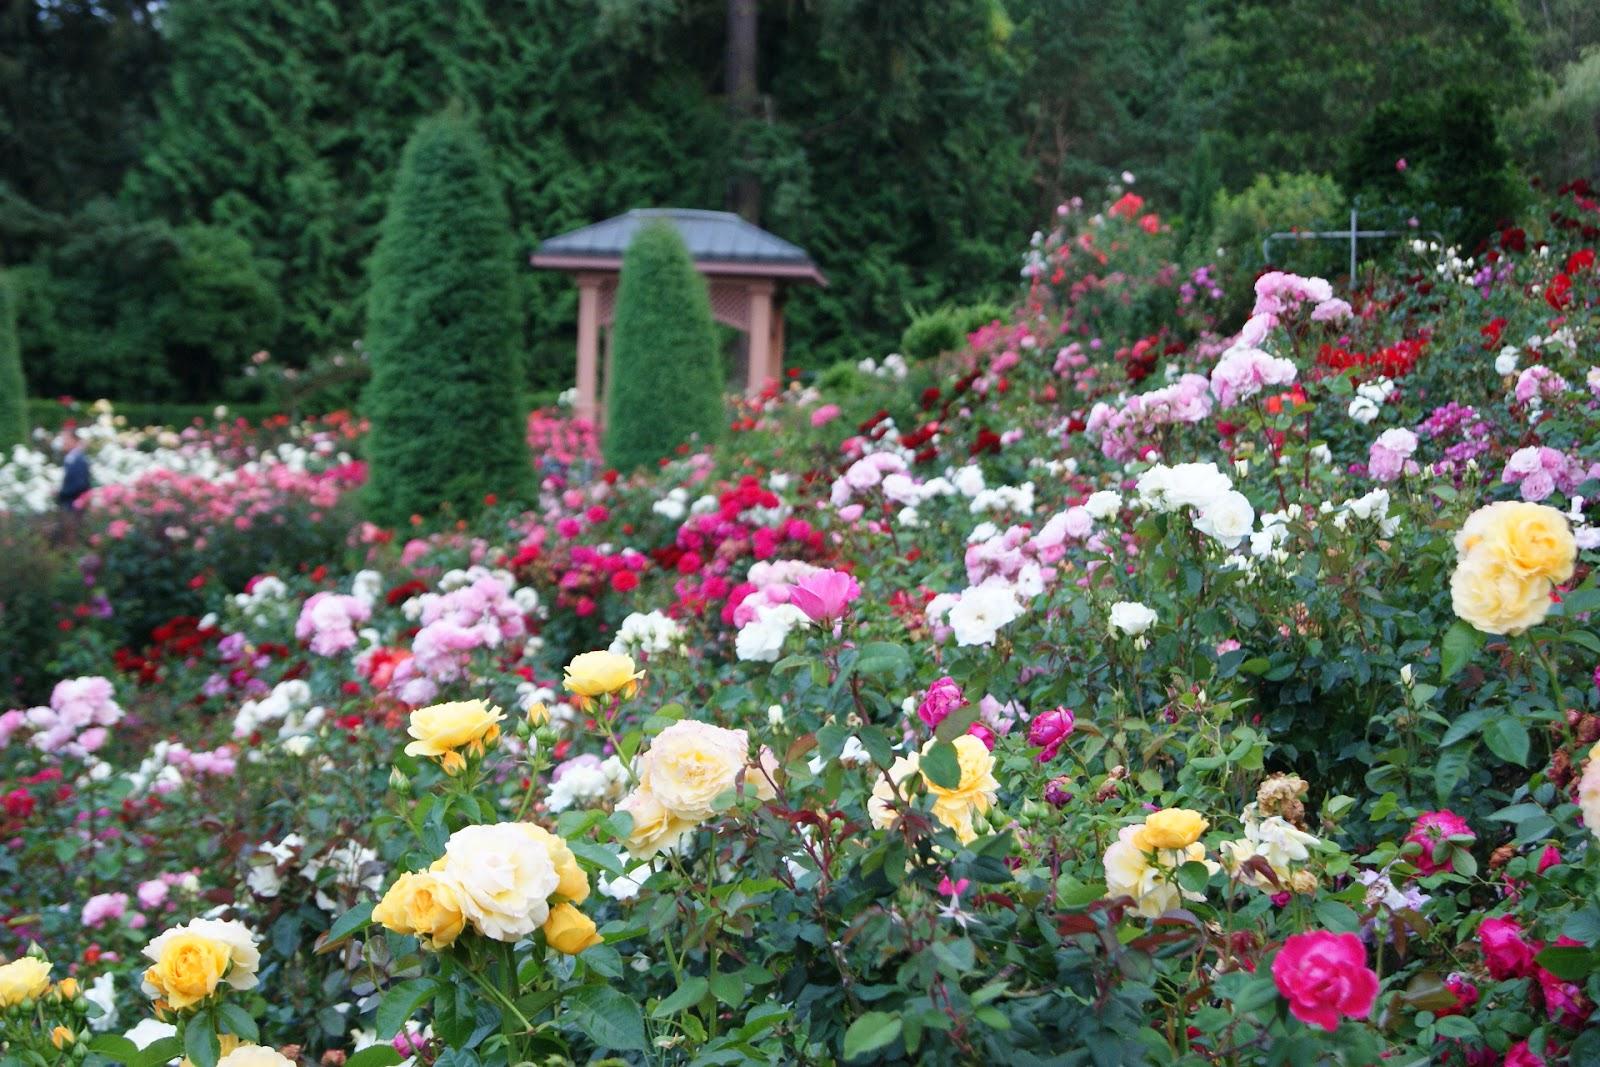 園藝治療 - 不需說話的力量!: 園藝治療對精神疾病的幫助(一)